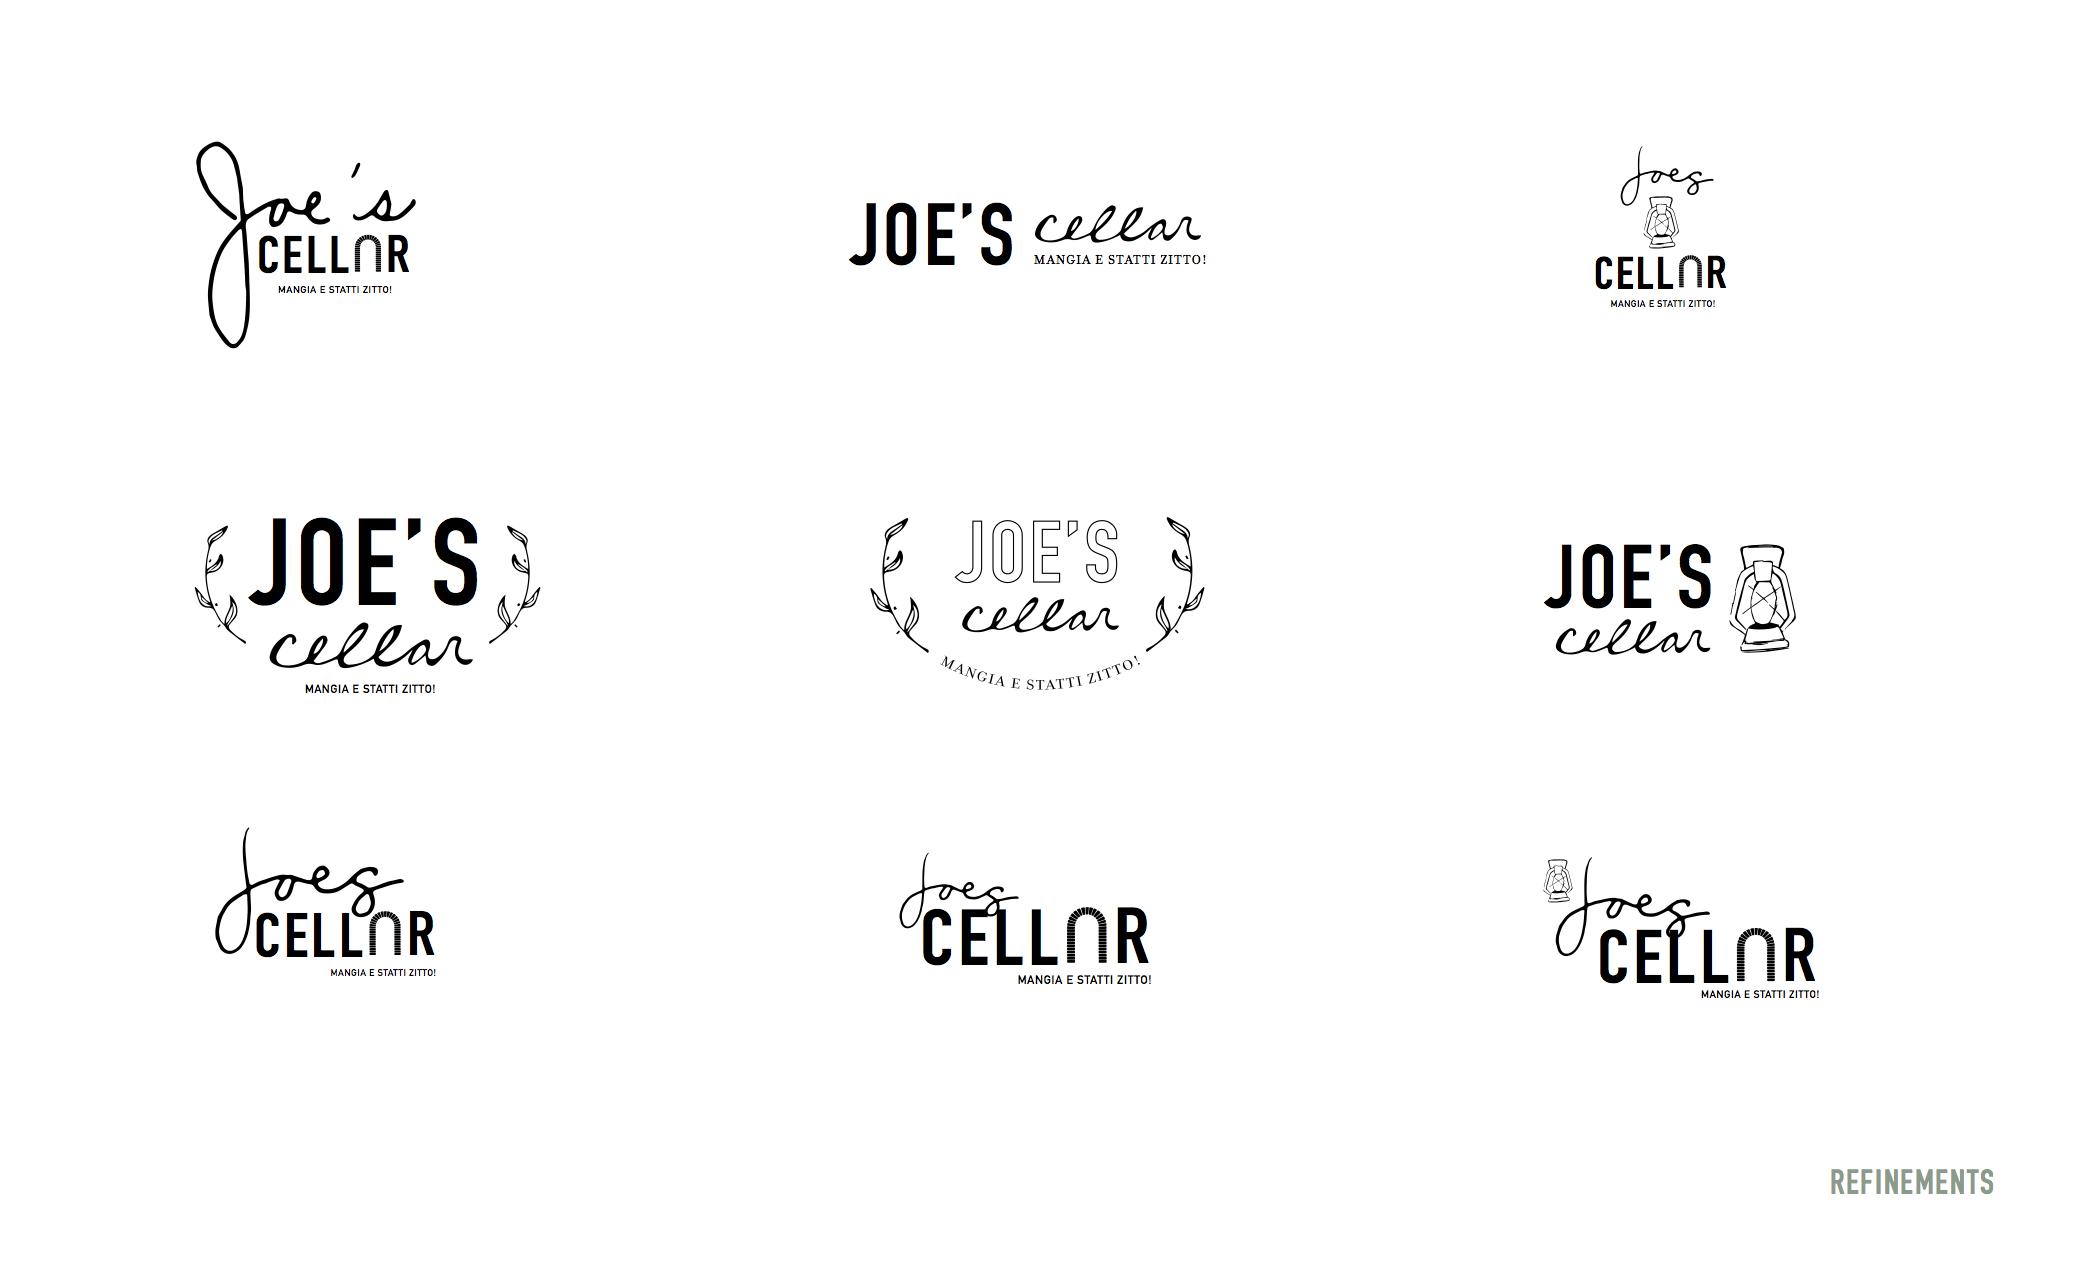 JoesCellar_Logos4.png